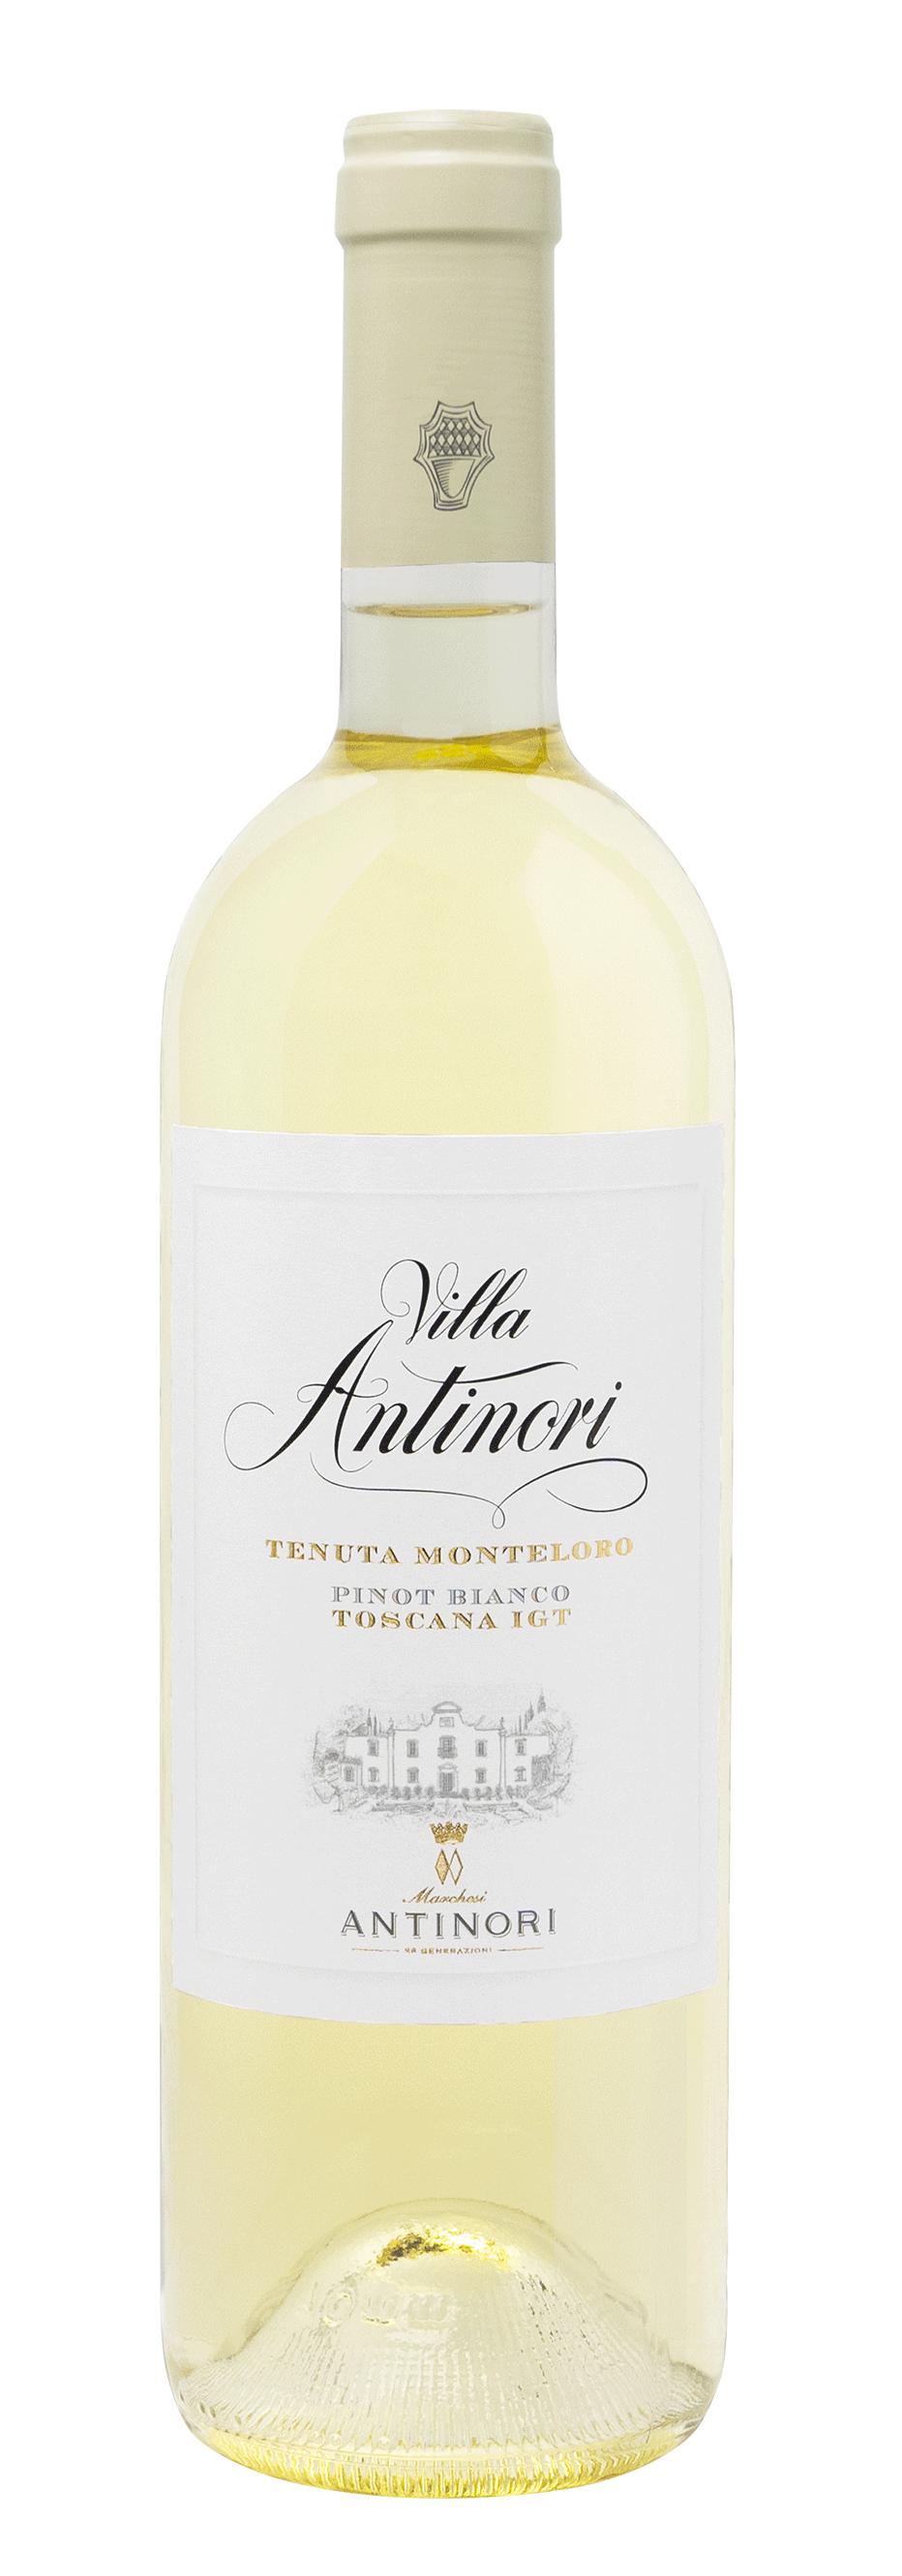 Villa Antinori Pinot Bianco